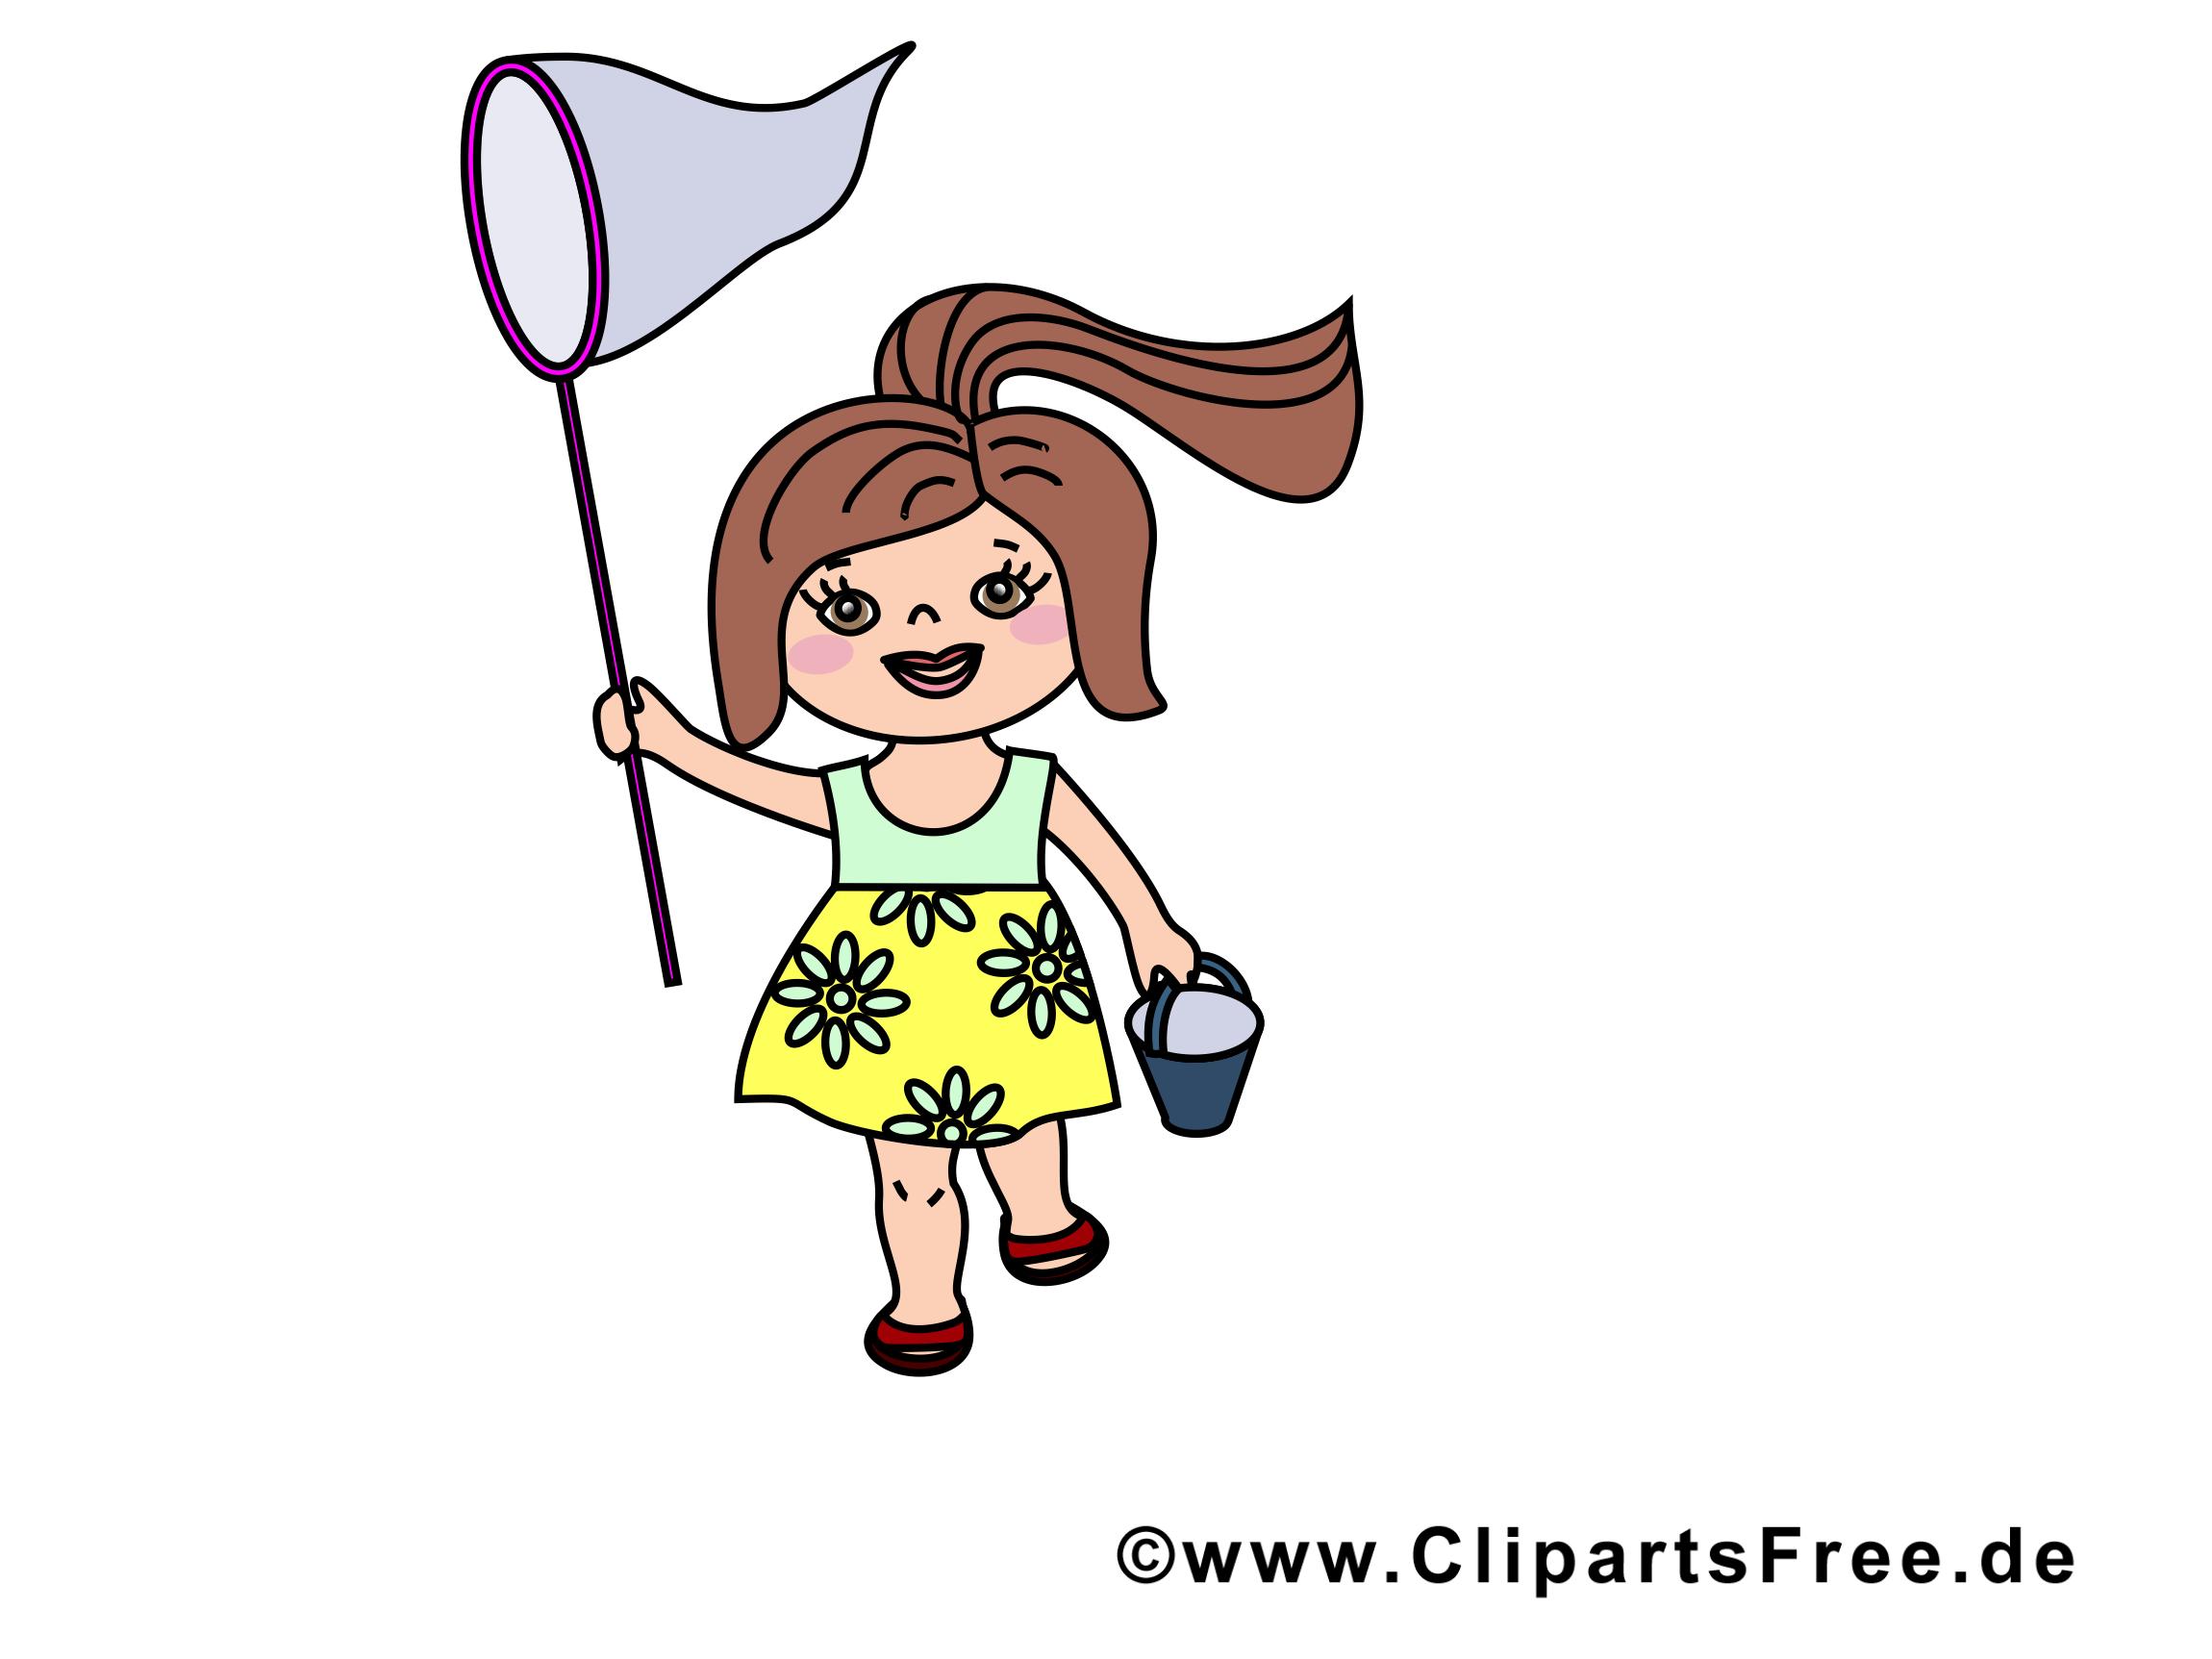 Épuisette image gratuite - Petite fille illustration